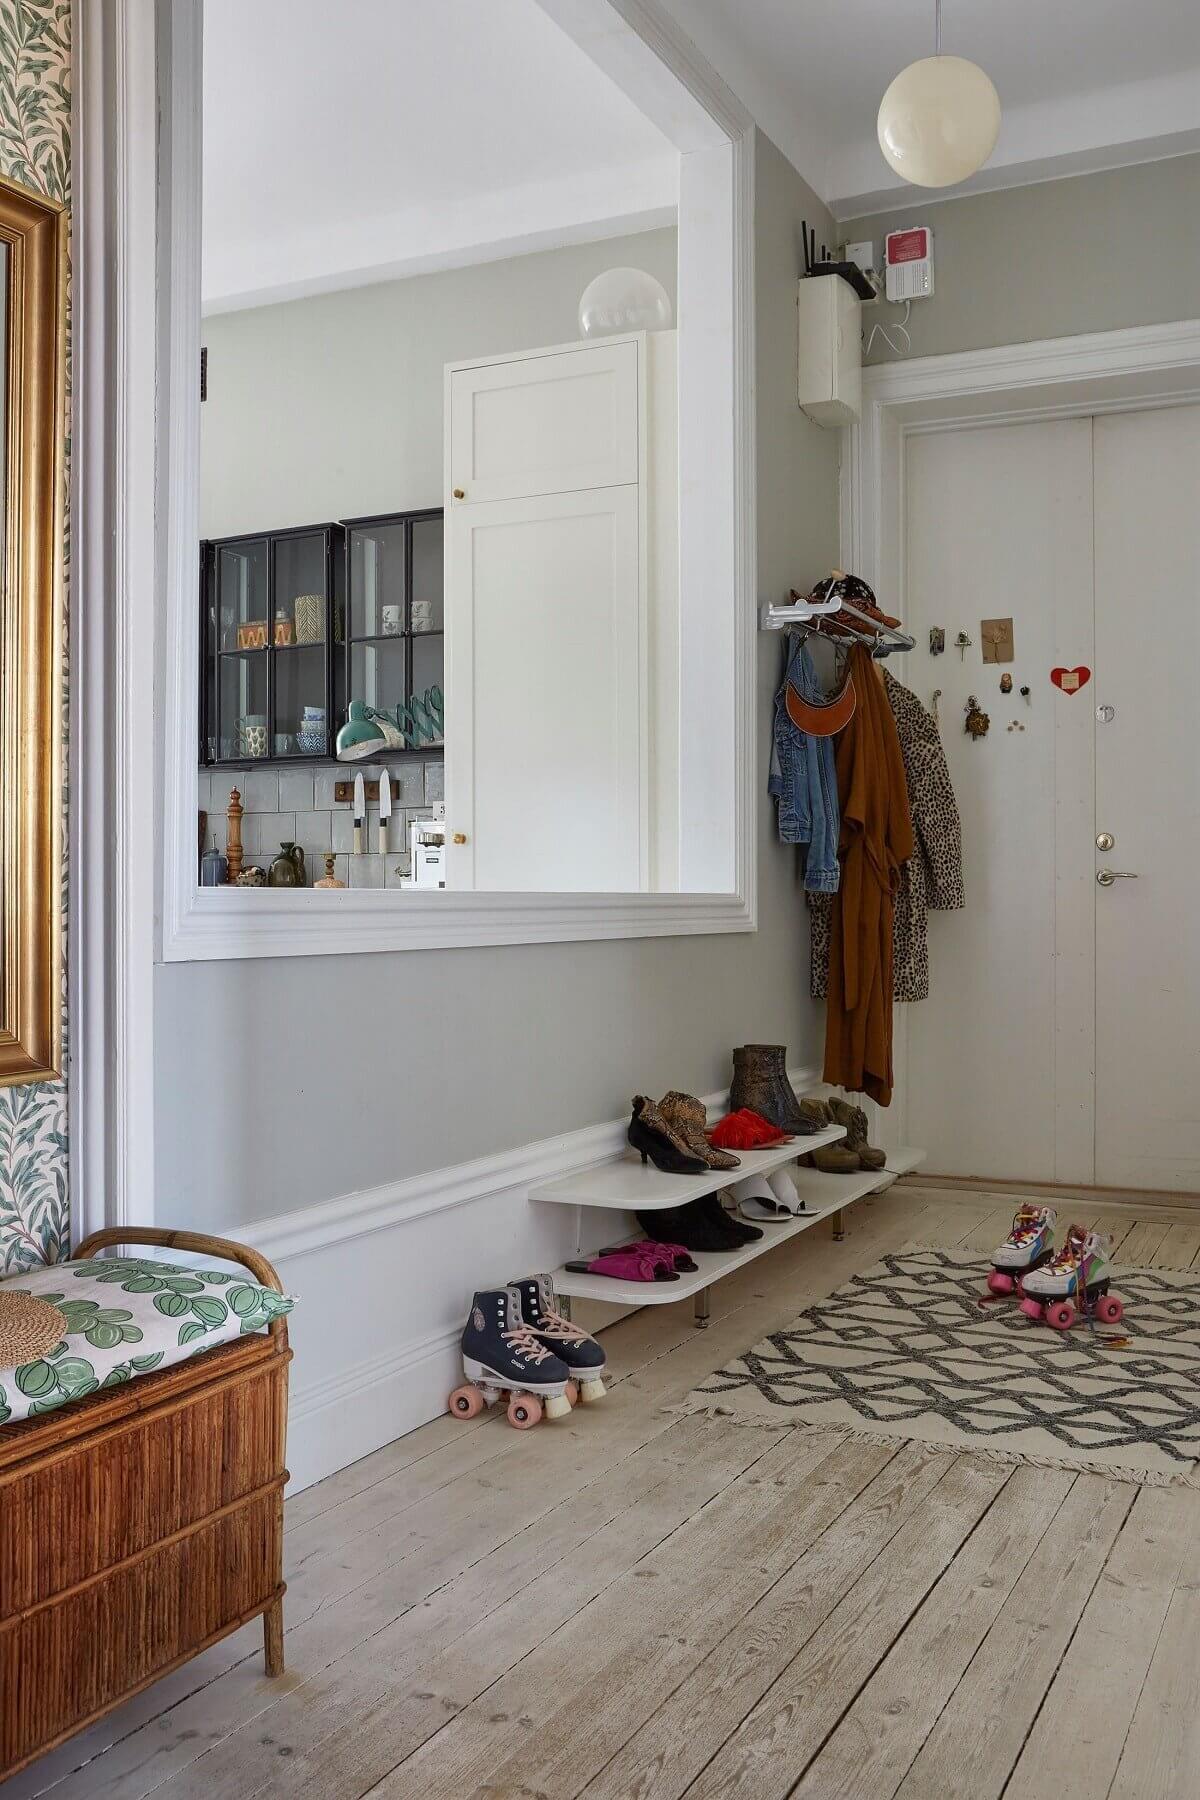 hallway-scandinavian-apartment-nordroom